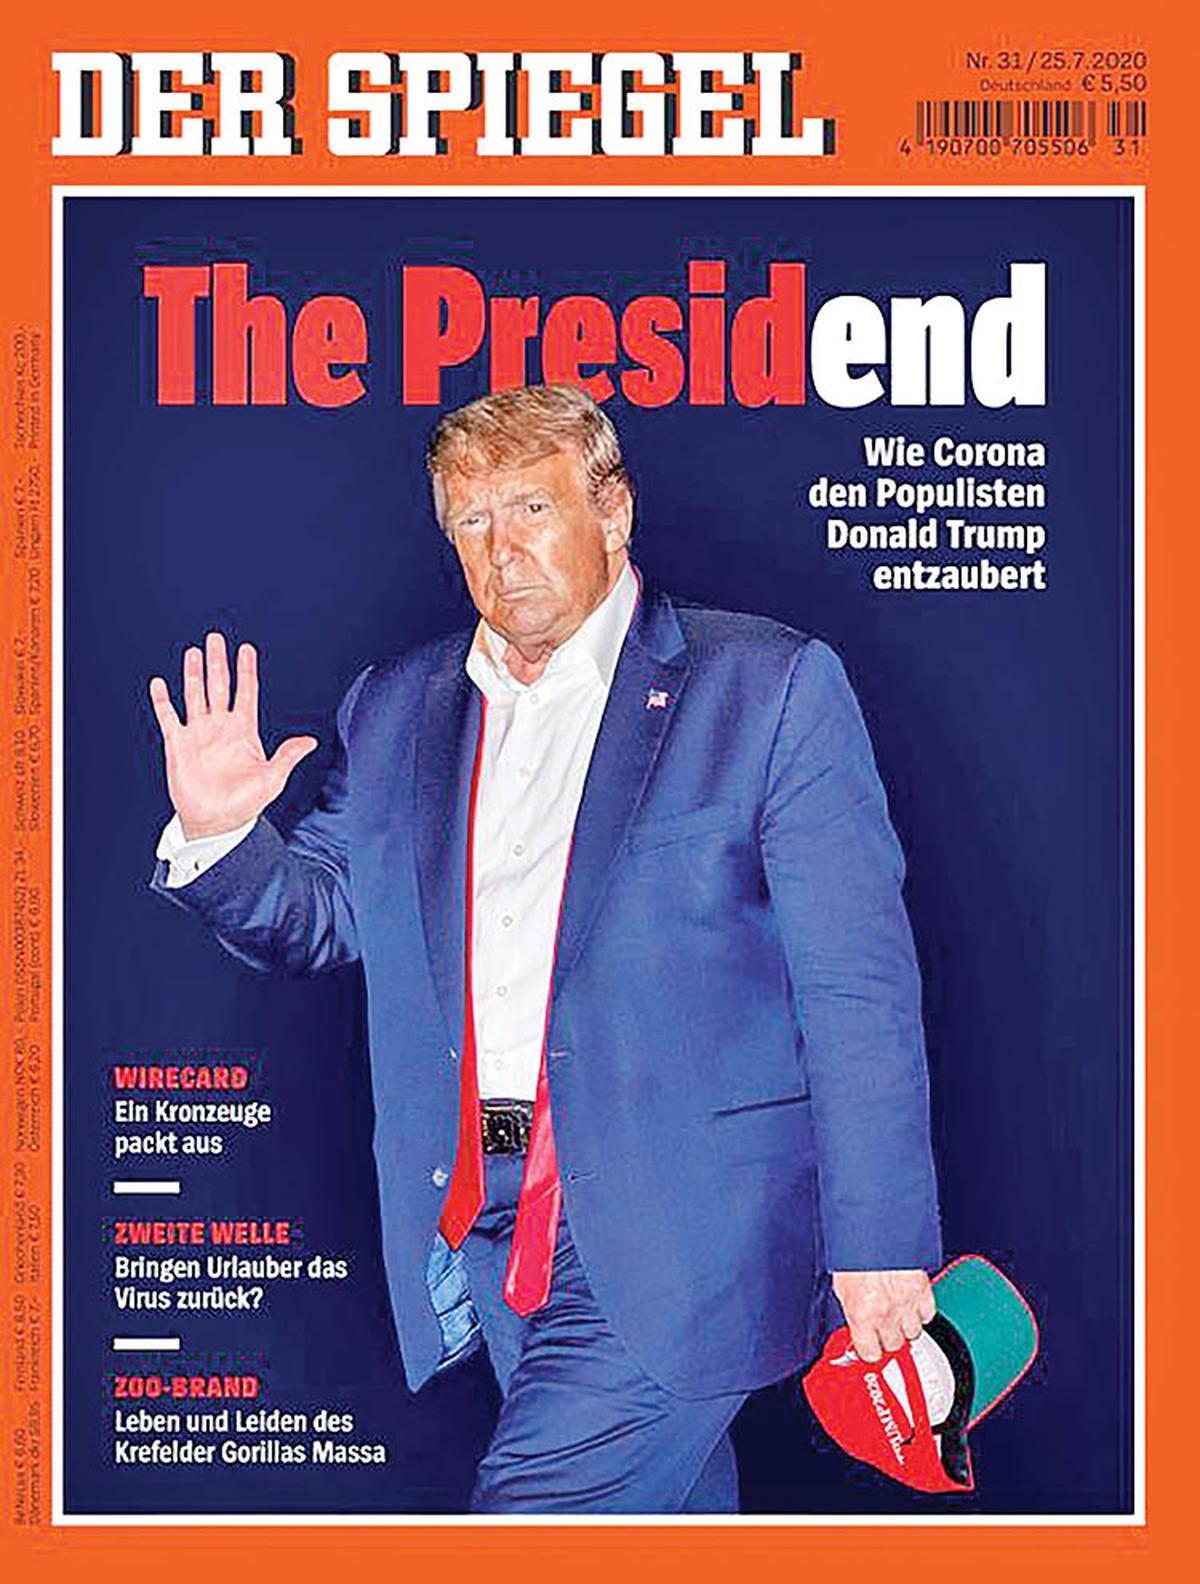 پیـشبینـی سرنوشت ترامپ | ساکن کاخسفید برای انتخاب مجدد به زحمت افتاده است